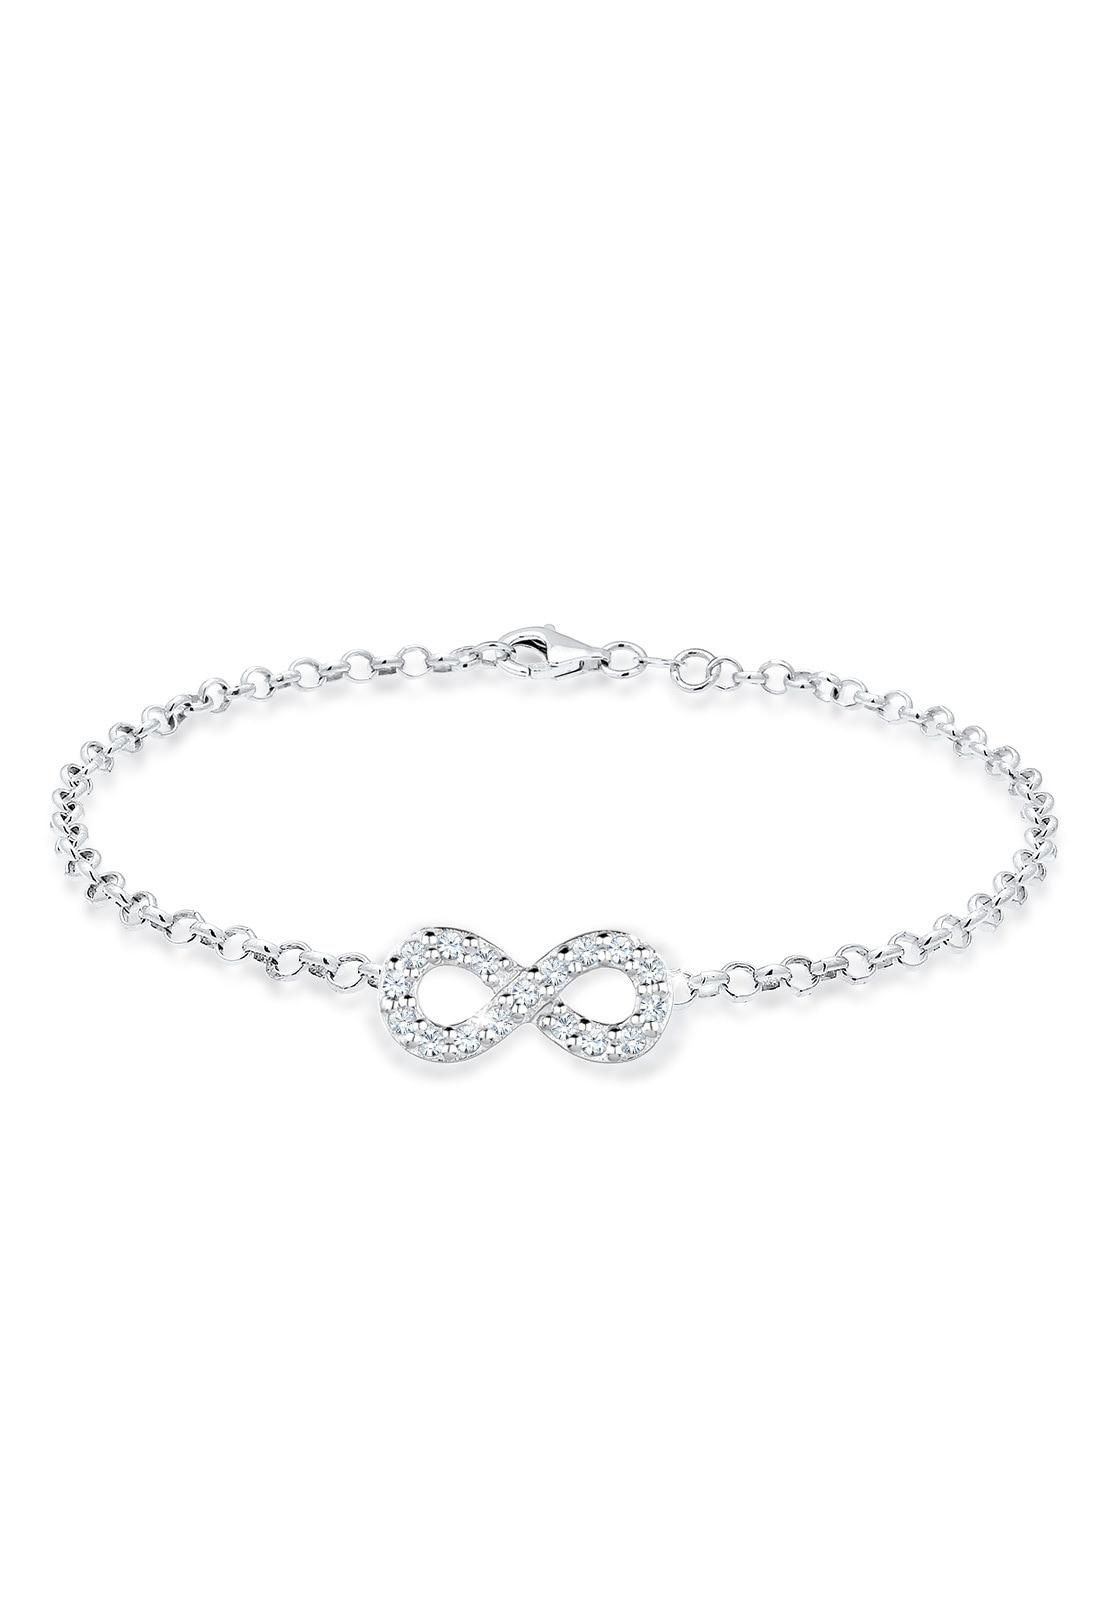 Elli Bettelarmband Infinity Swarovski Kristalle 925 Silber Unita   Schmuck > Armbänder > Bettelarmbänder   Elli